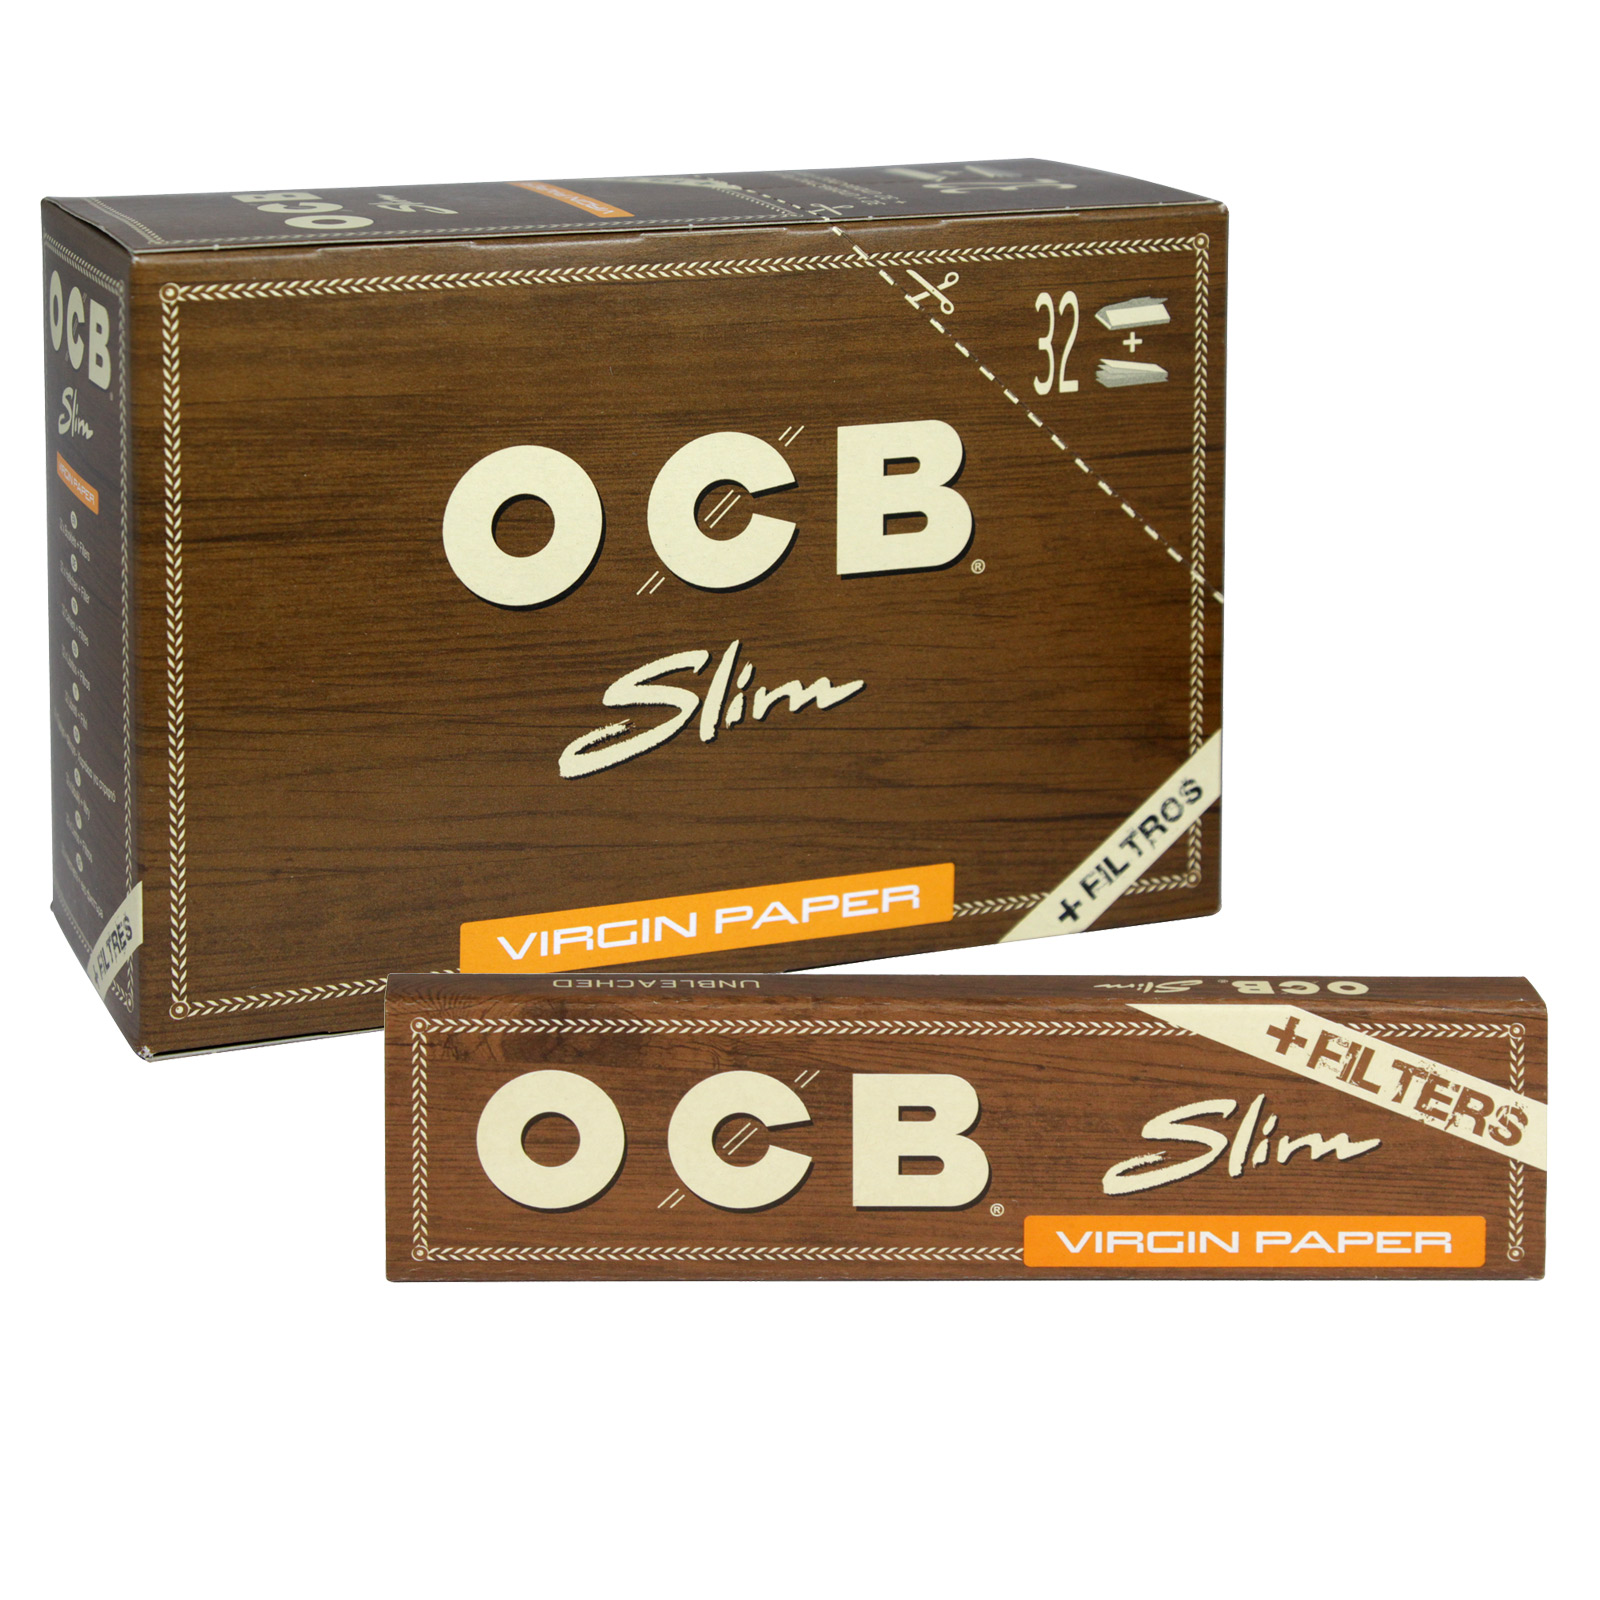 OCB VIRGIN CIGARETTE 32 SLIM PAPERS+32 TIPS